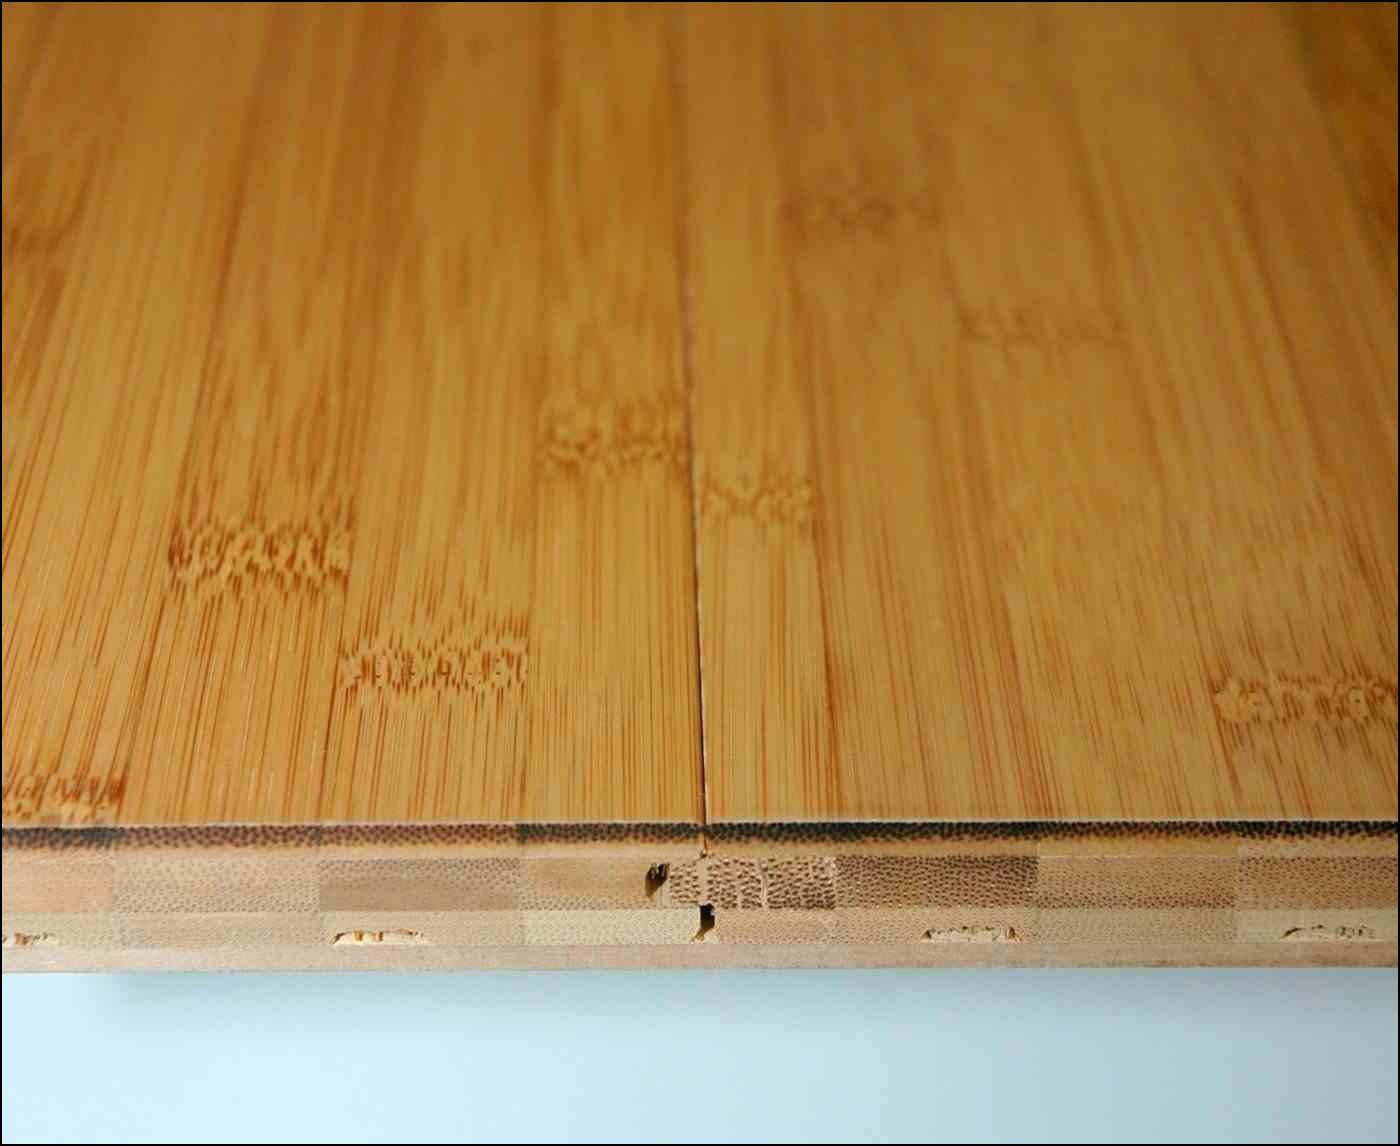 hardwood flooring cost home depot of home depot queen creek flooring ideas within home depot solid bamboo flooring photographies hardwood floor design floor sander hand scraped hardwood flooring of